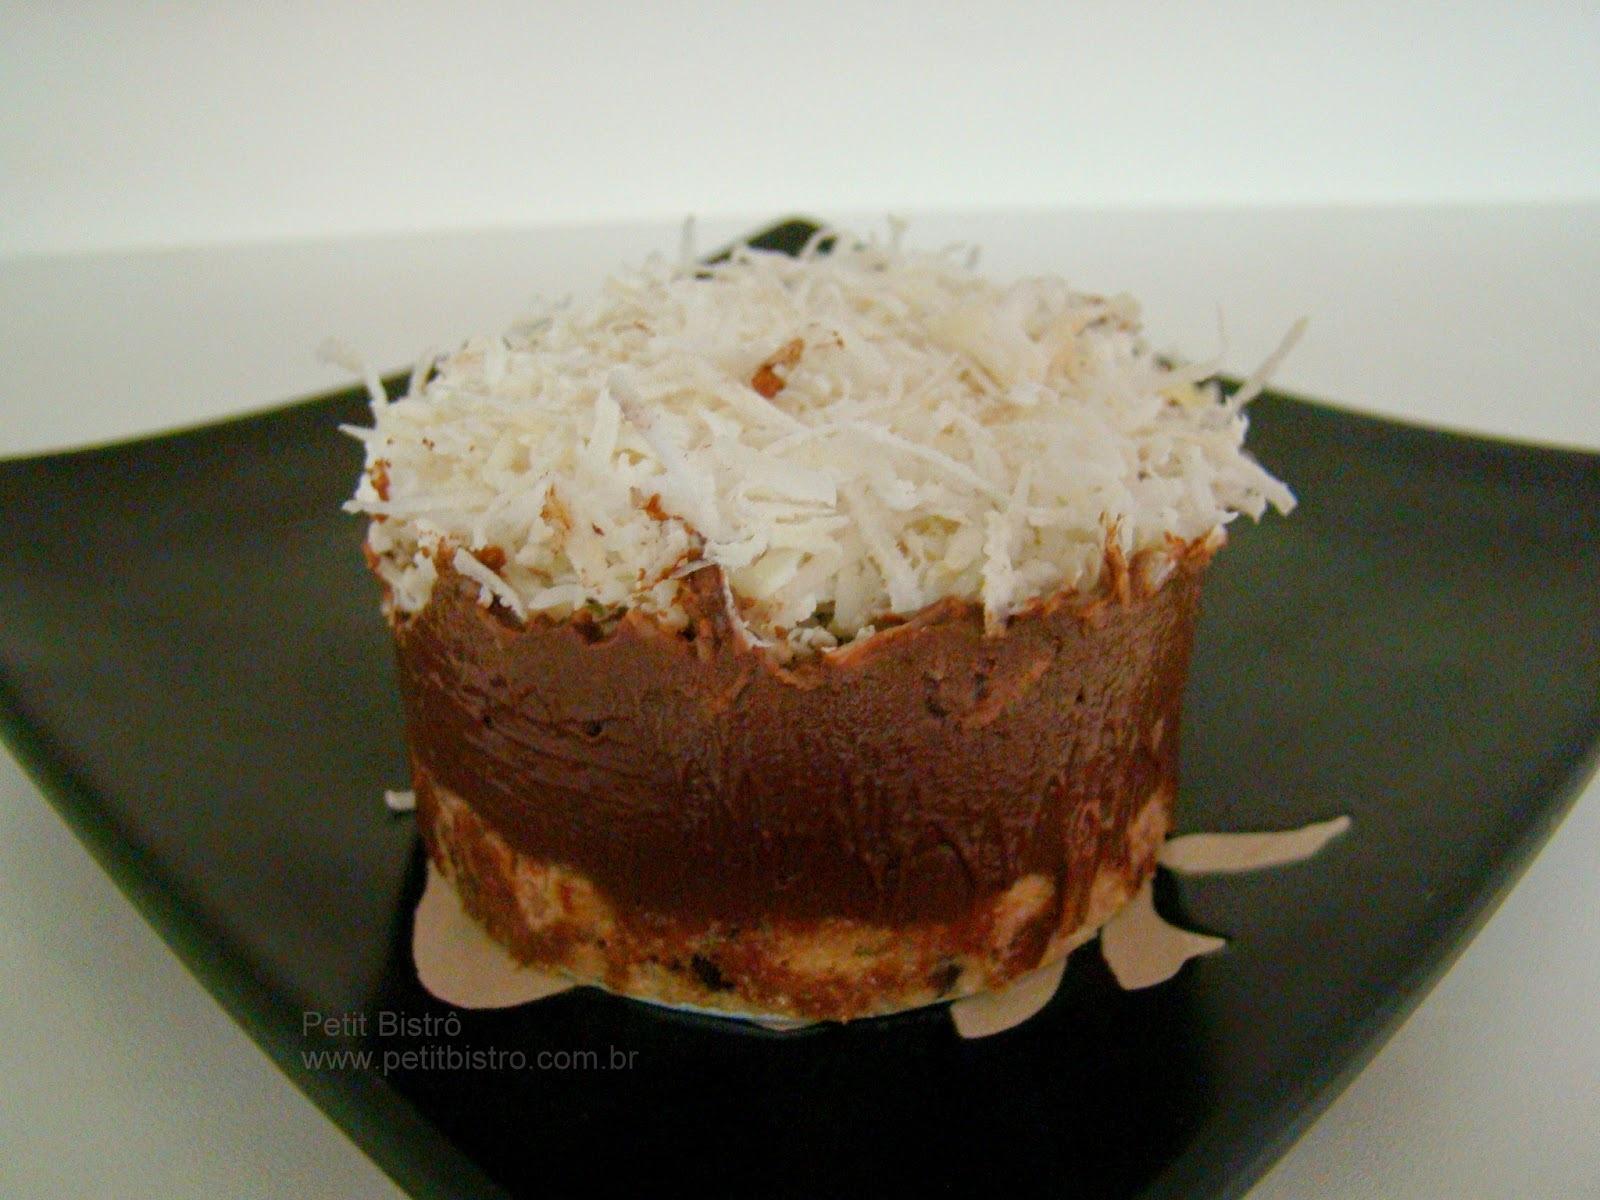 TORTA MOUSSE DE CHOCOLATE COM COCO